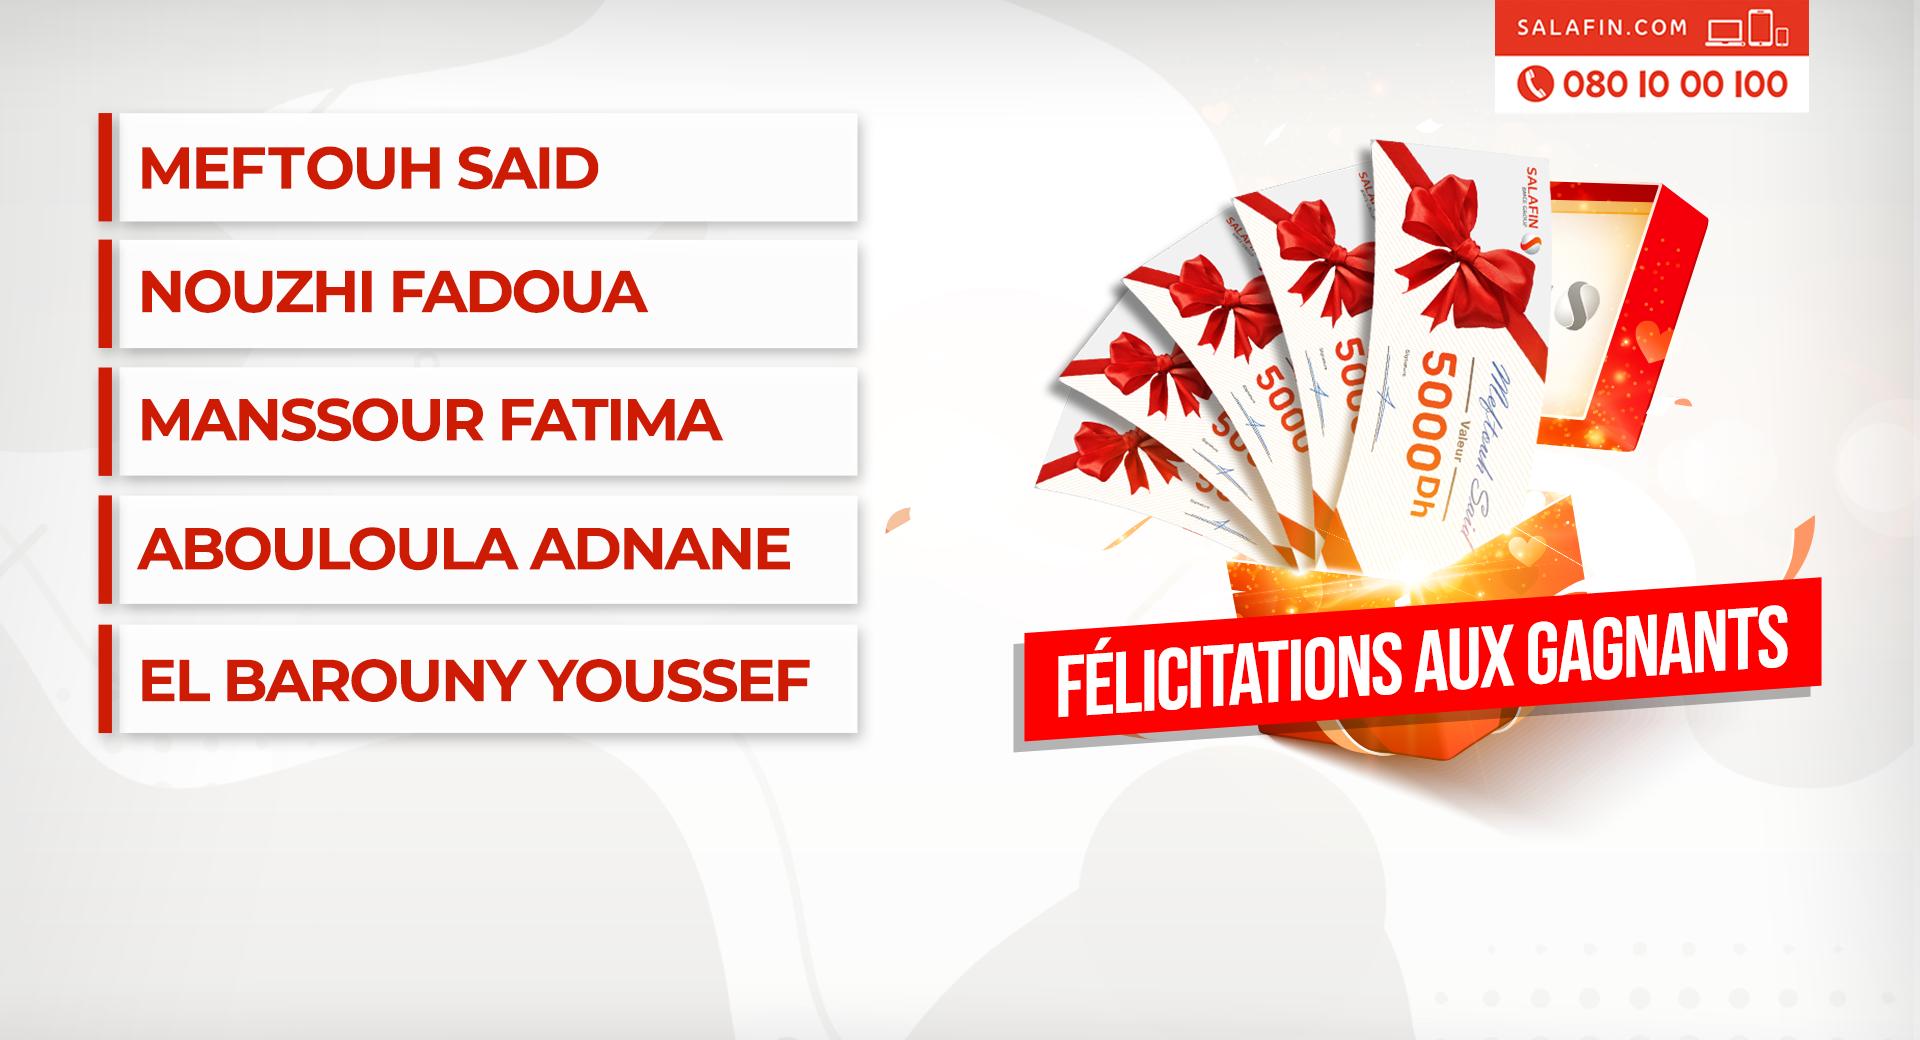 Félicitations aux gagnants de la Tombola